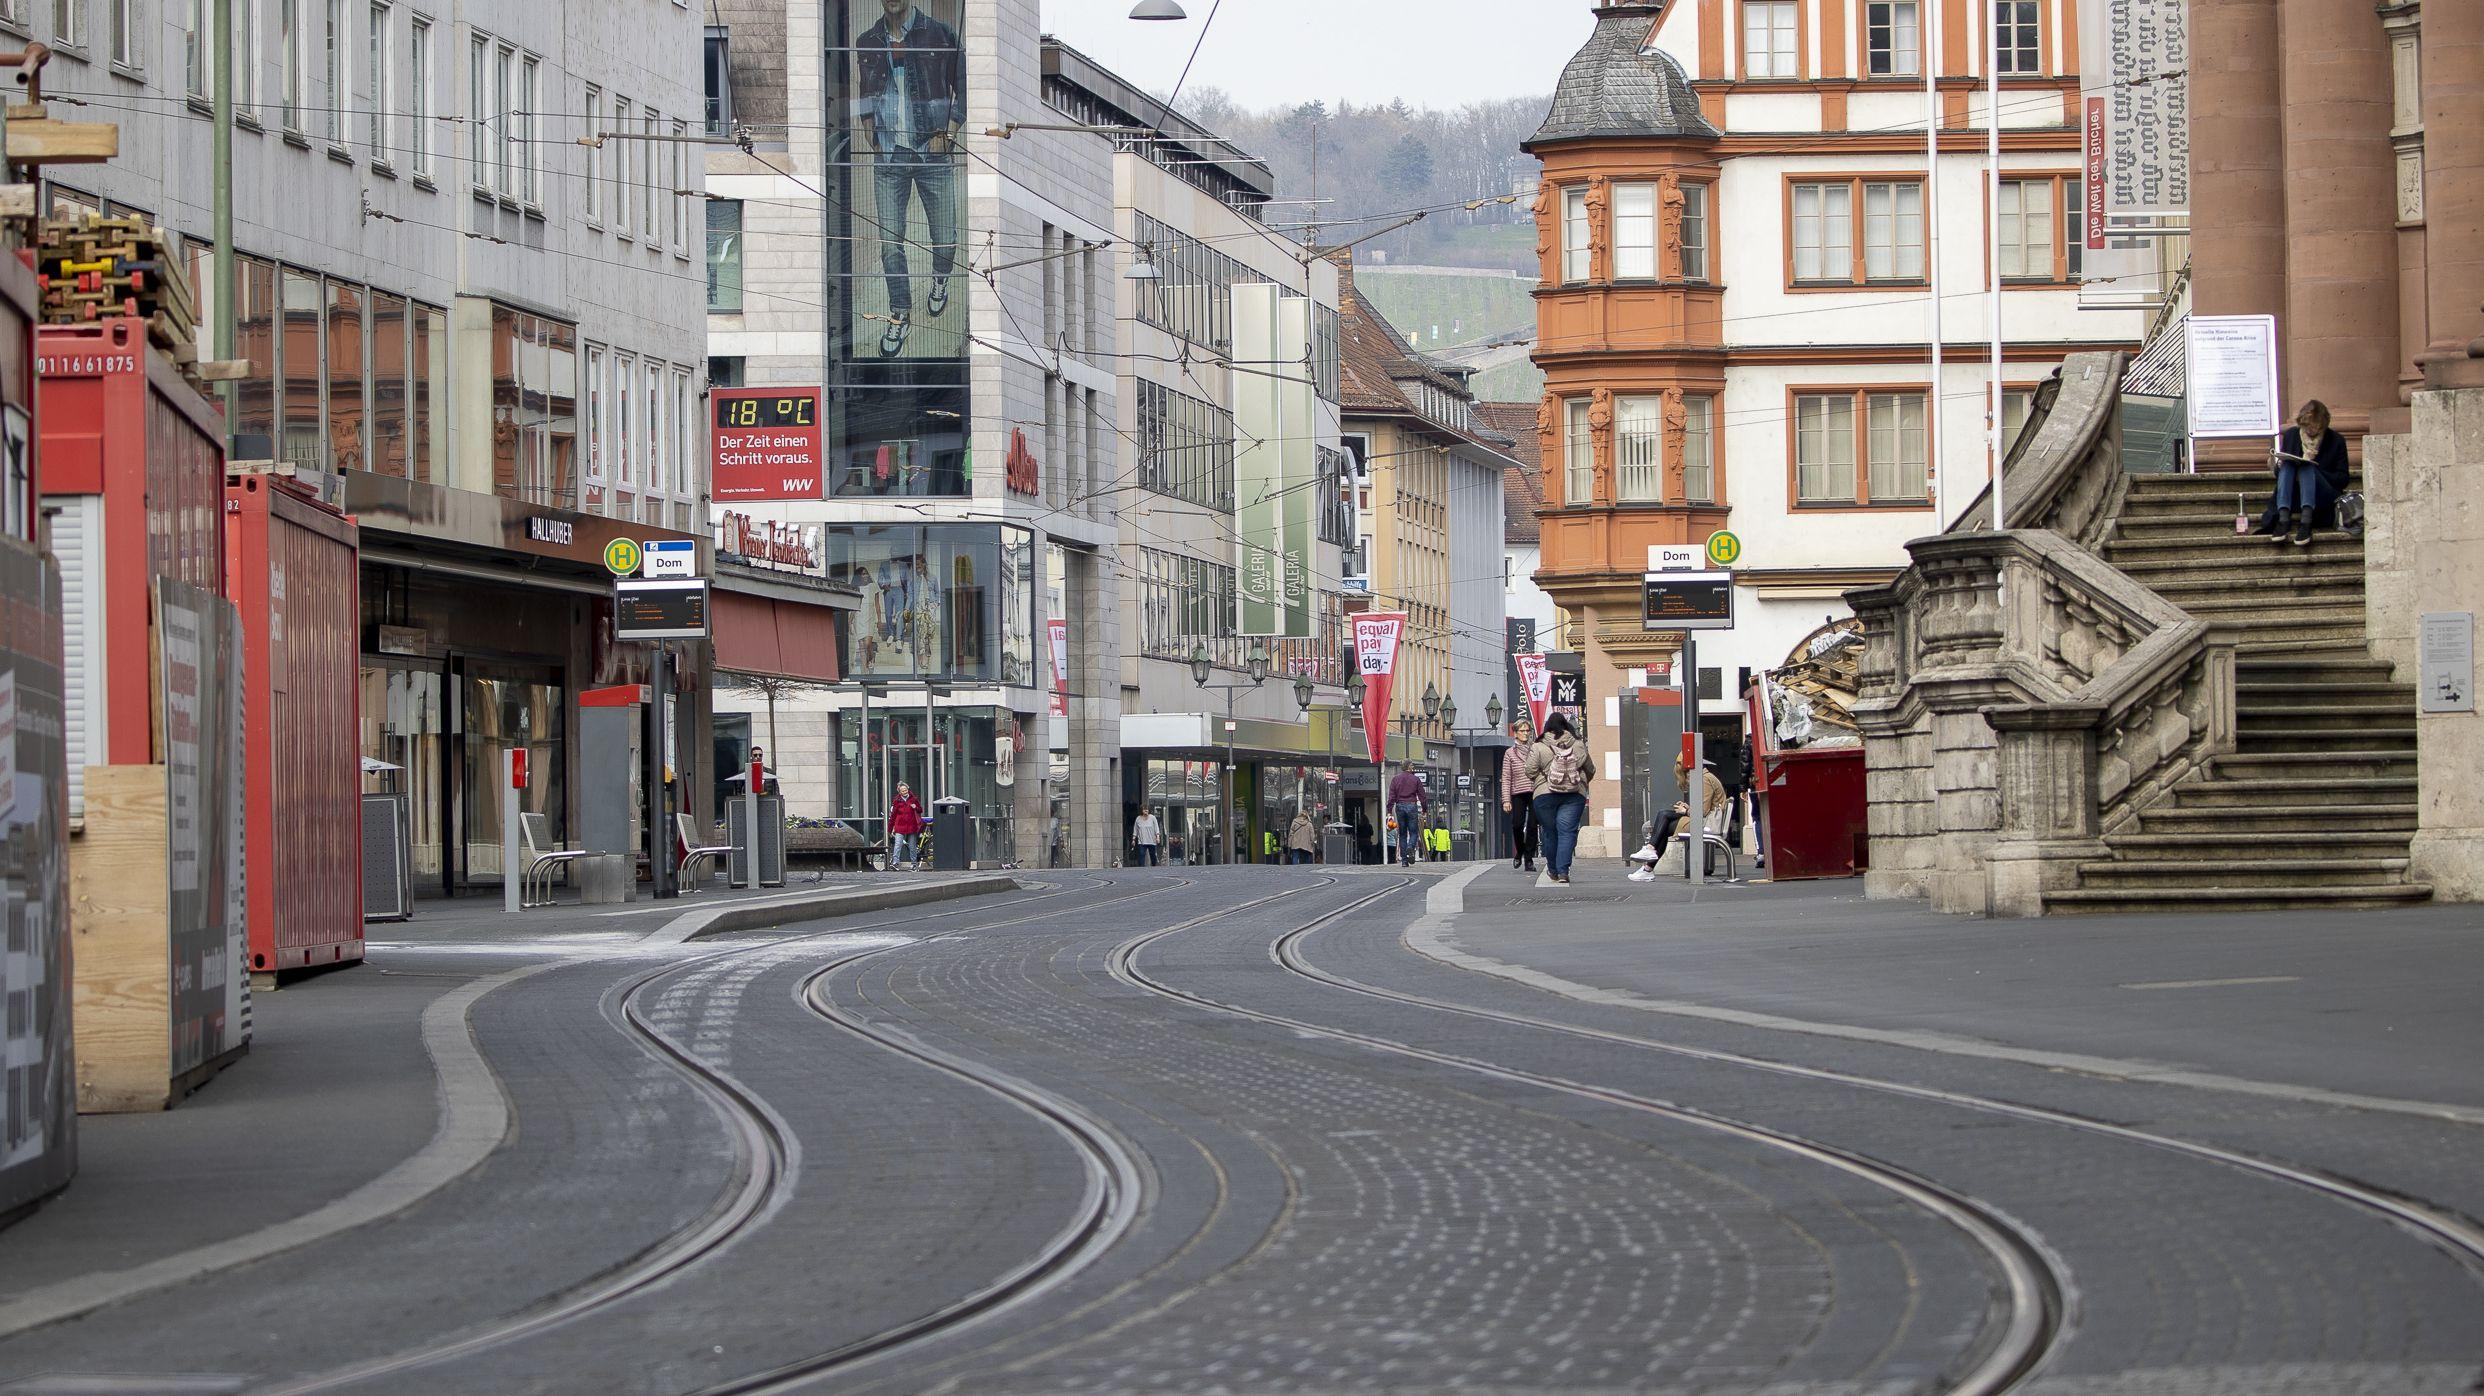 Leere Strassen in der City von Wuerzburg am 20.3.2020